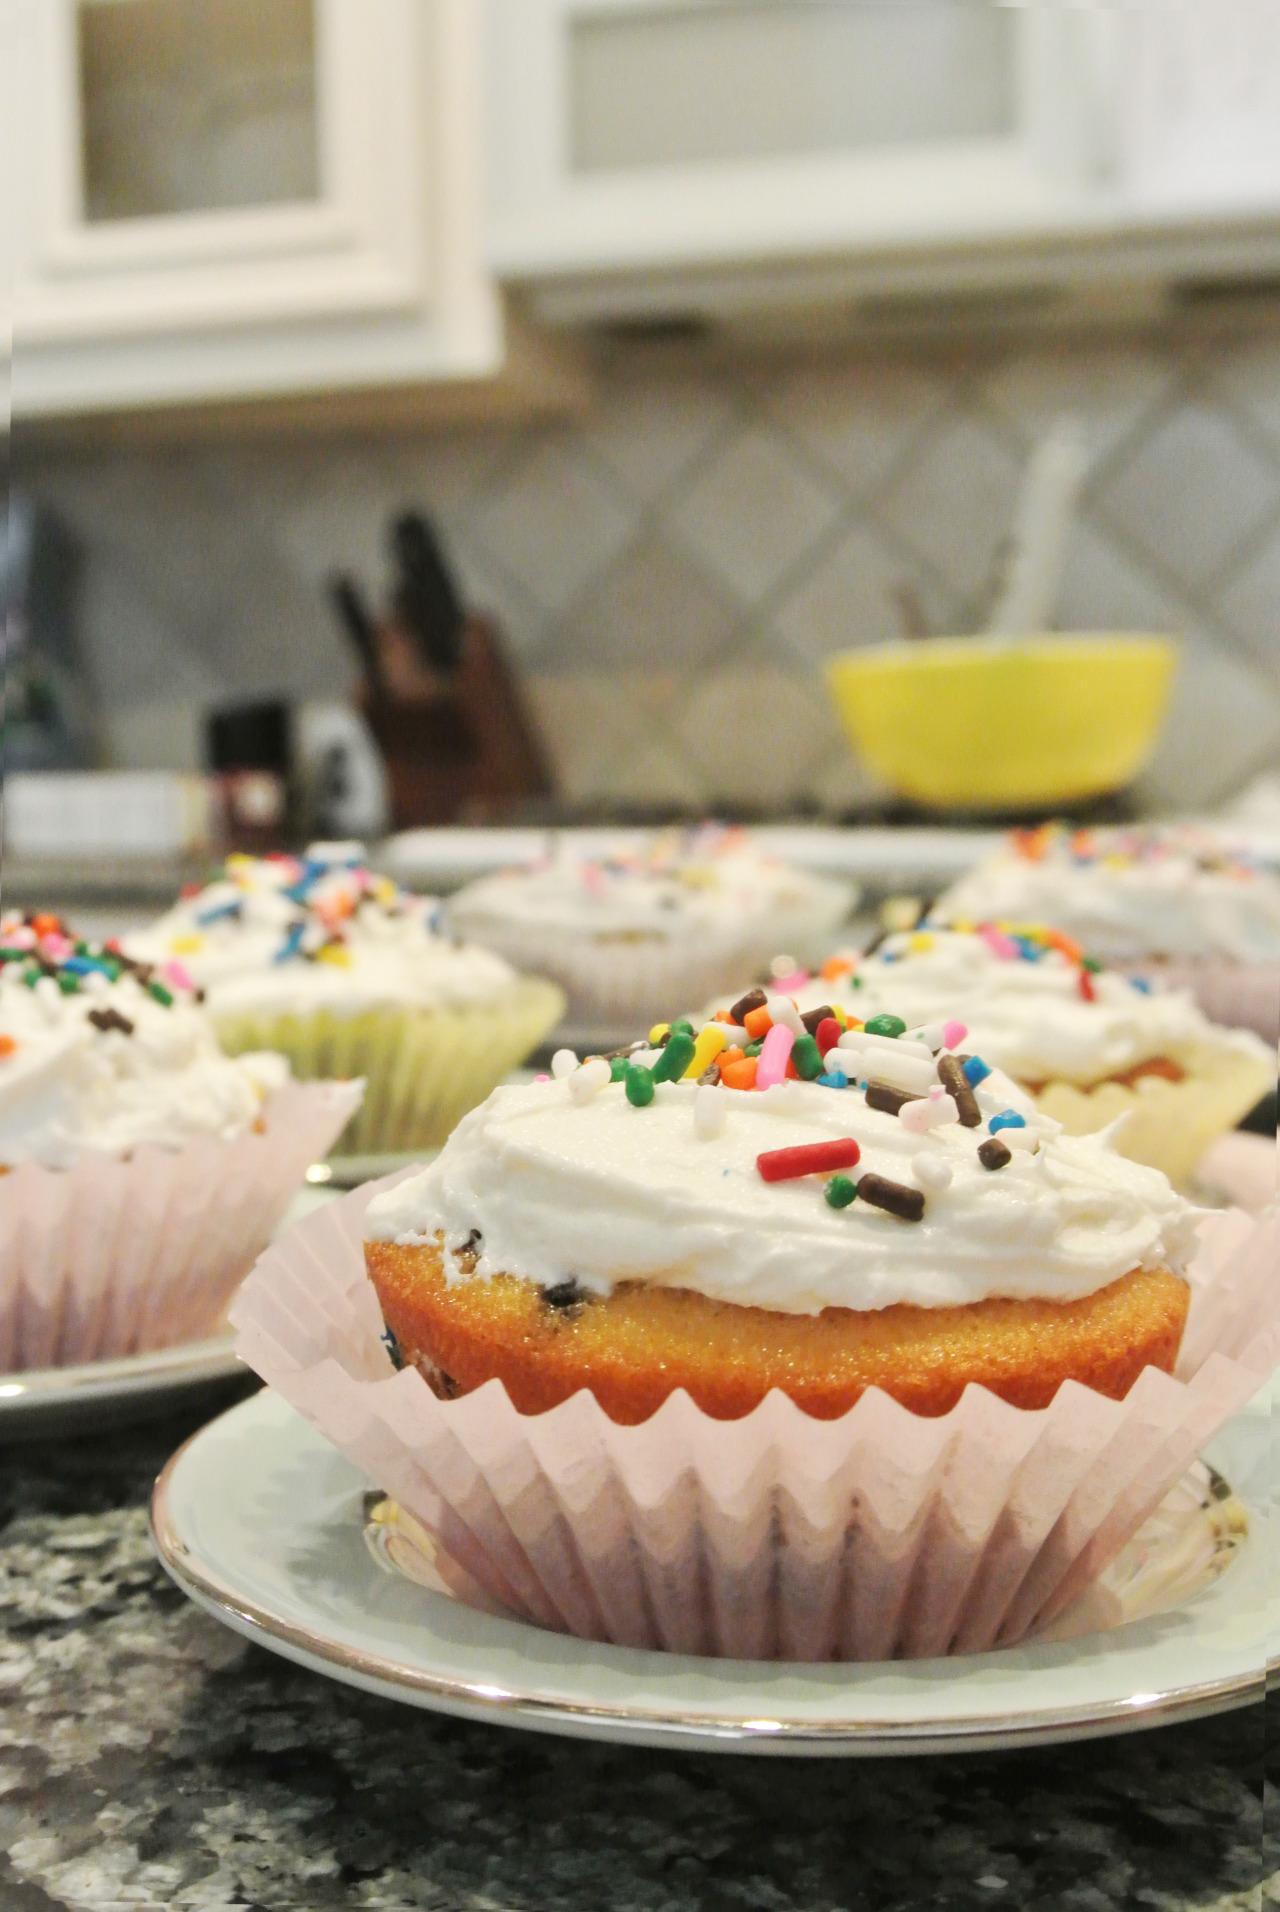 Recipe: Funfetti Cupcakes